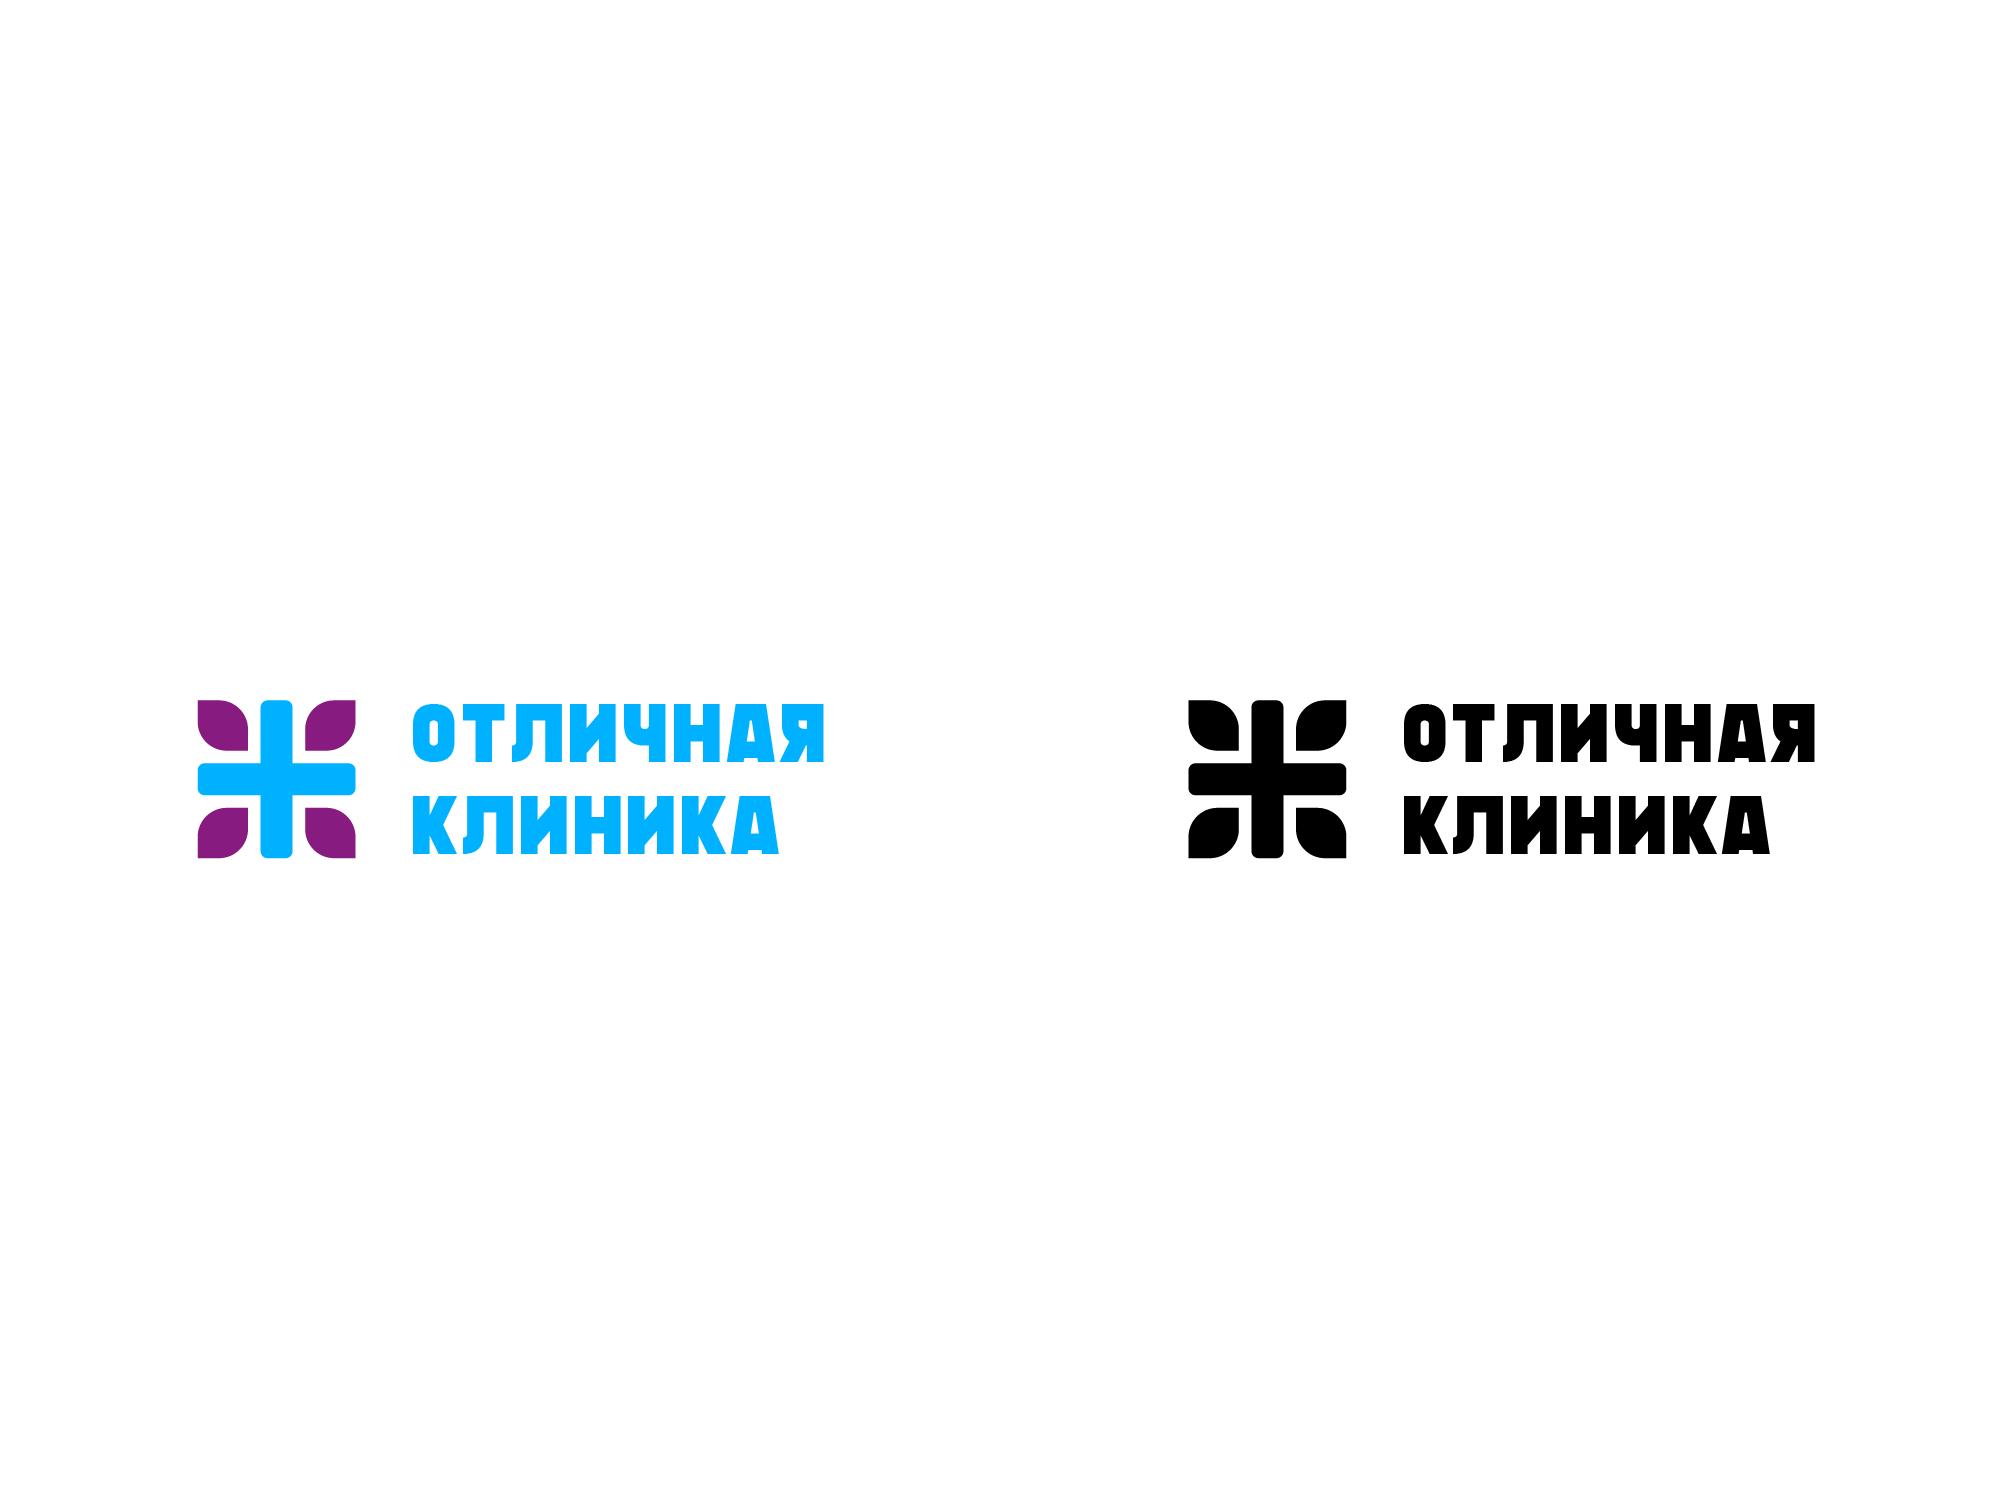 Логотип и фирменный стиль частной клиники фото f_6895c908cea93ed6.png